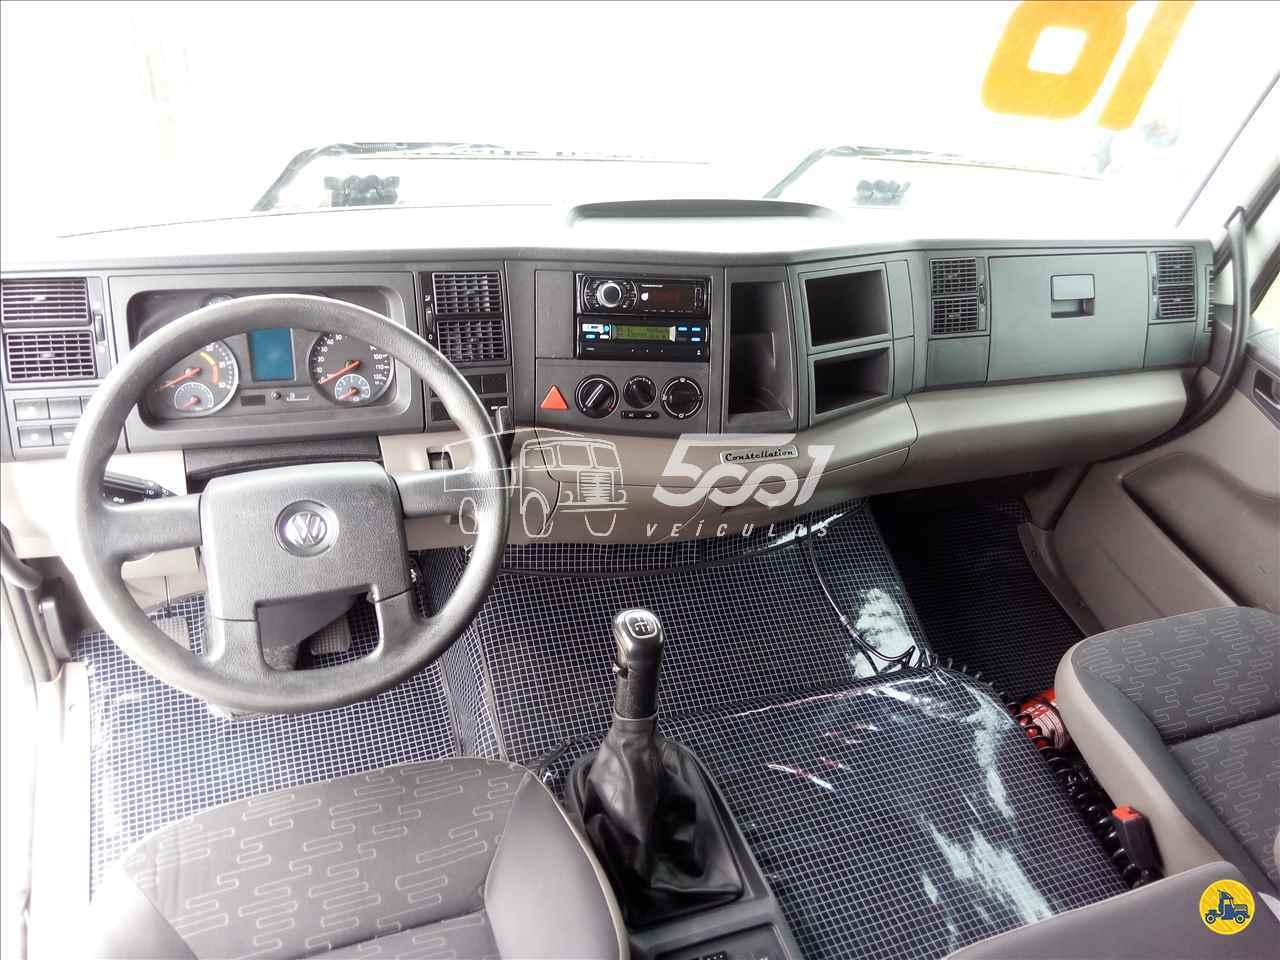 VOLKSWAGEN VW 19330 438727km 2017/2018 5001 Veículos - Curitiba